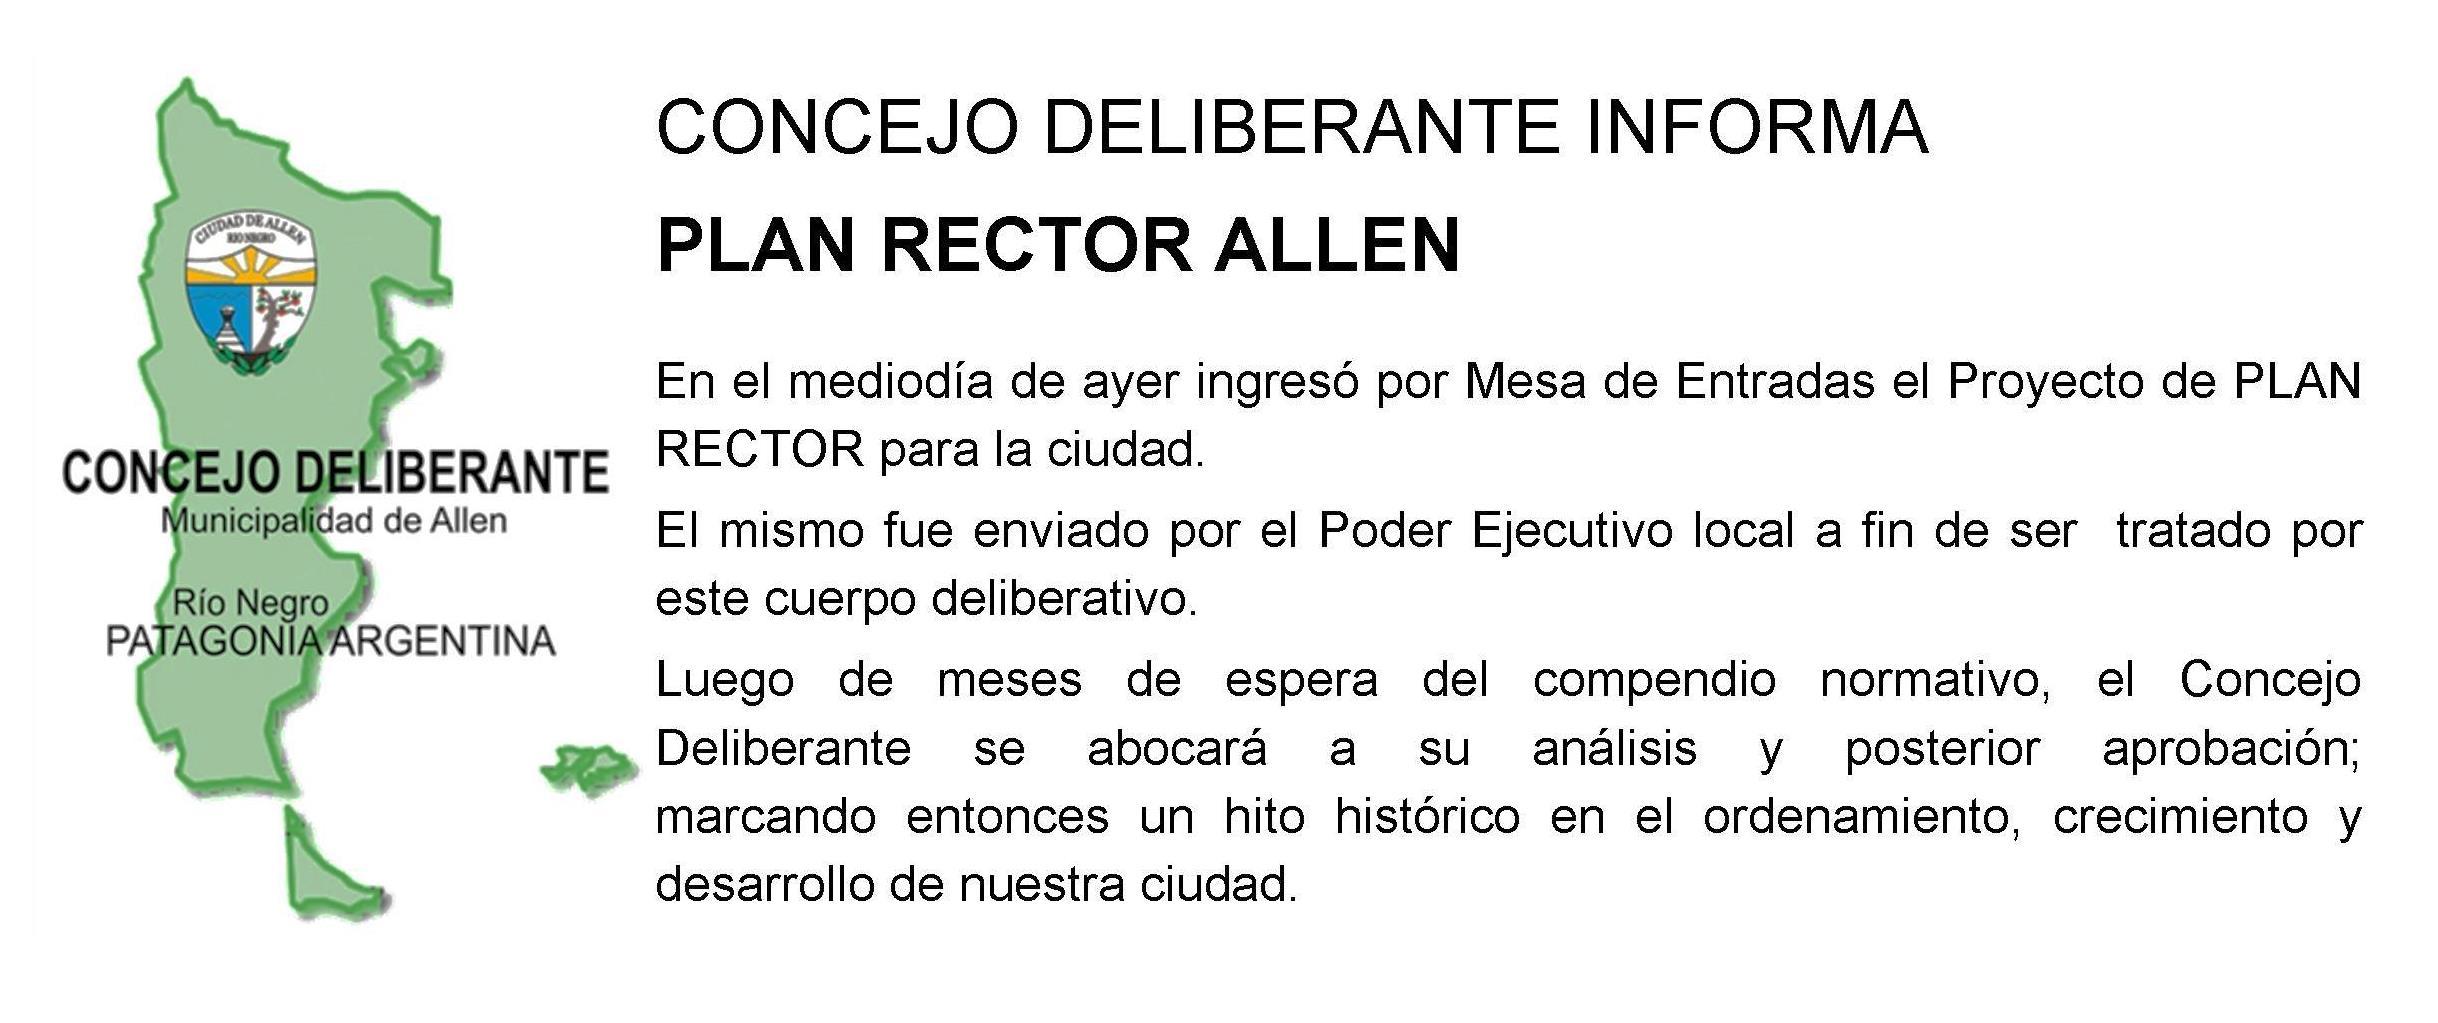 concejo-informa-7-plan-rector